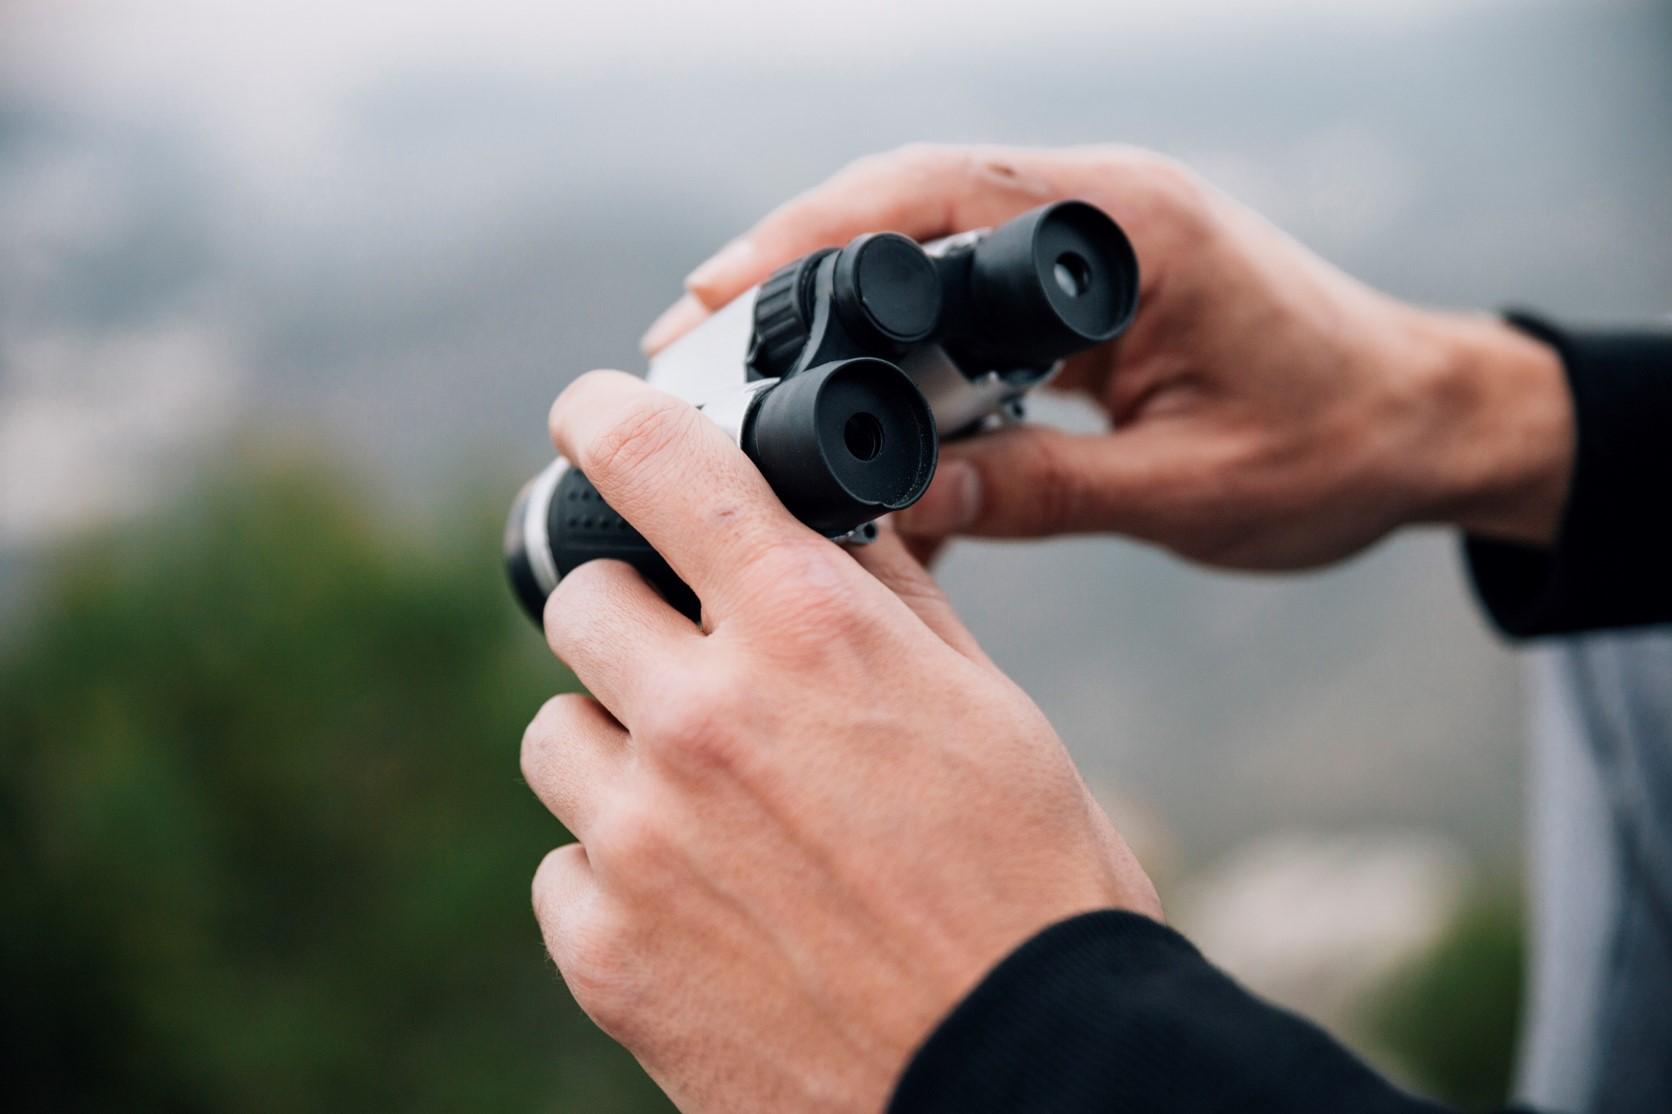 Przetarg na dostawę kamer termowizyjnych i lornetek noktowizyjnych w projekcie wsparcia zarządzania granicami i migracją w Maroku